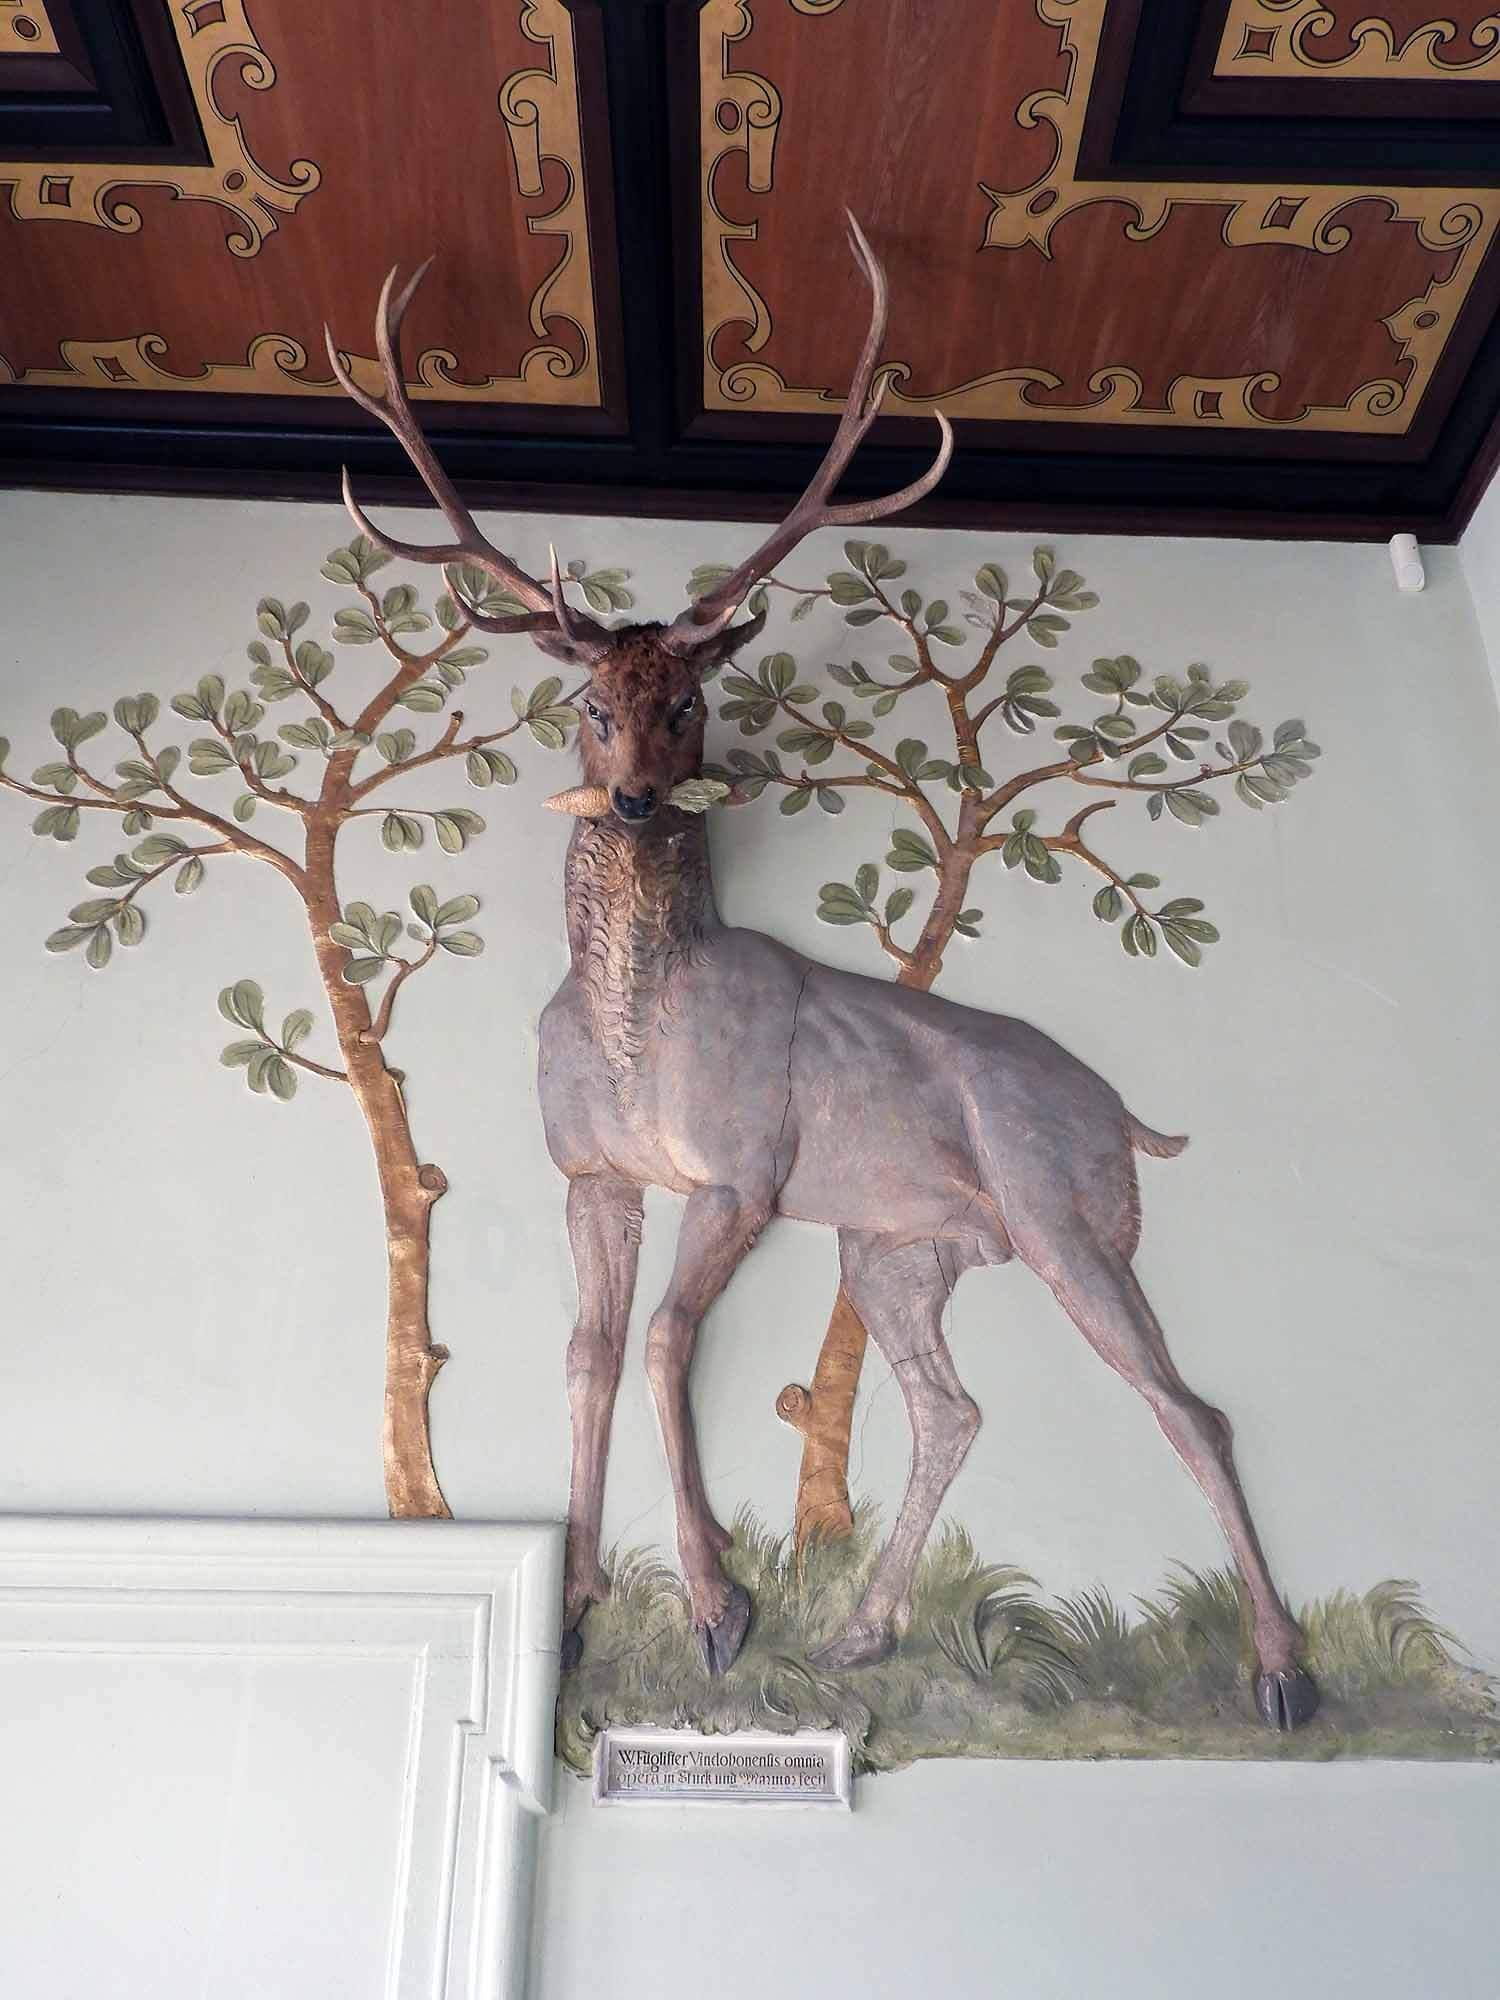 germany-heidelberg-red-stag-antlers.JPG